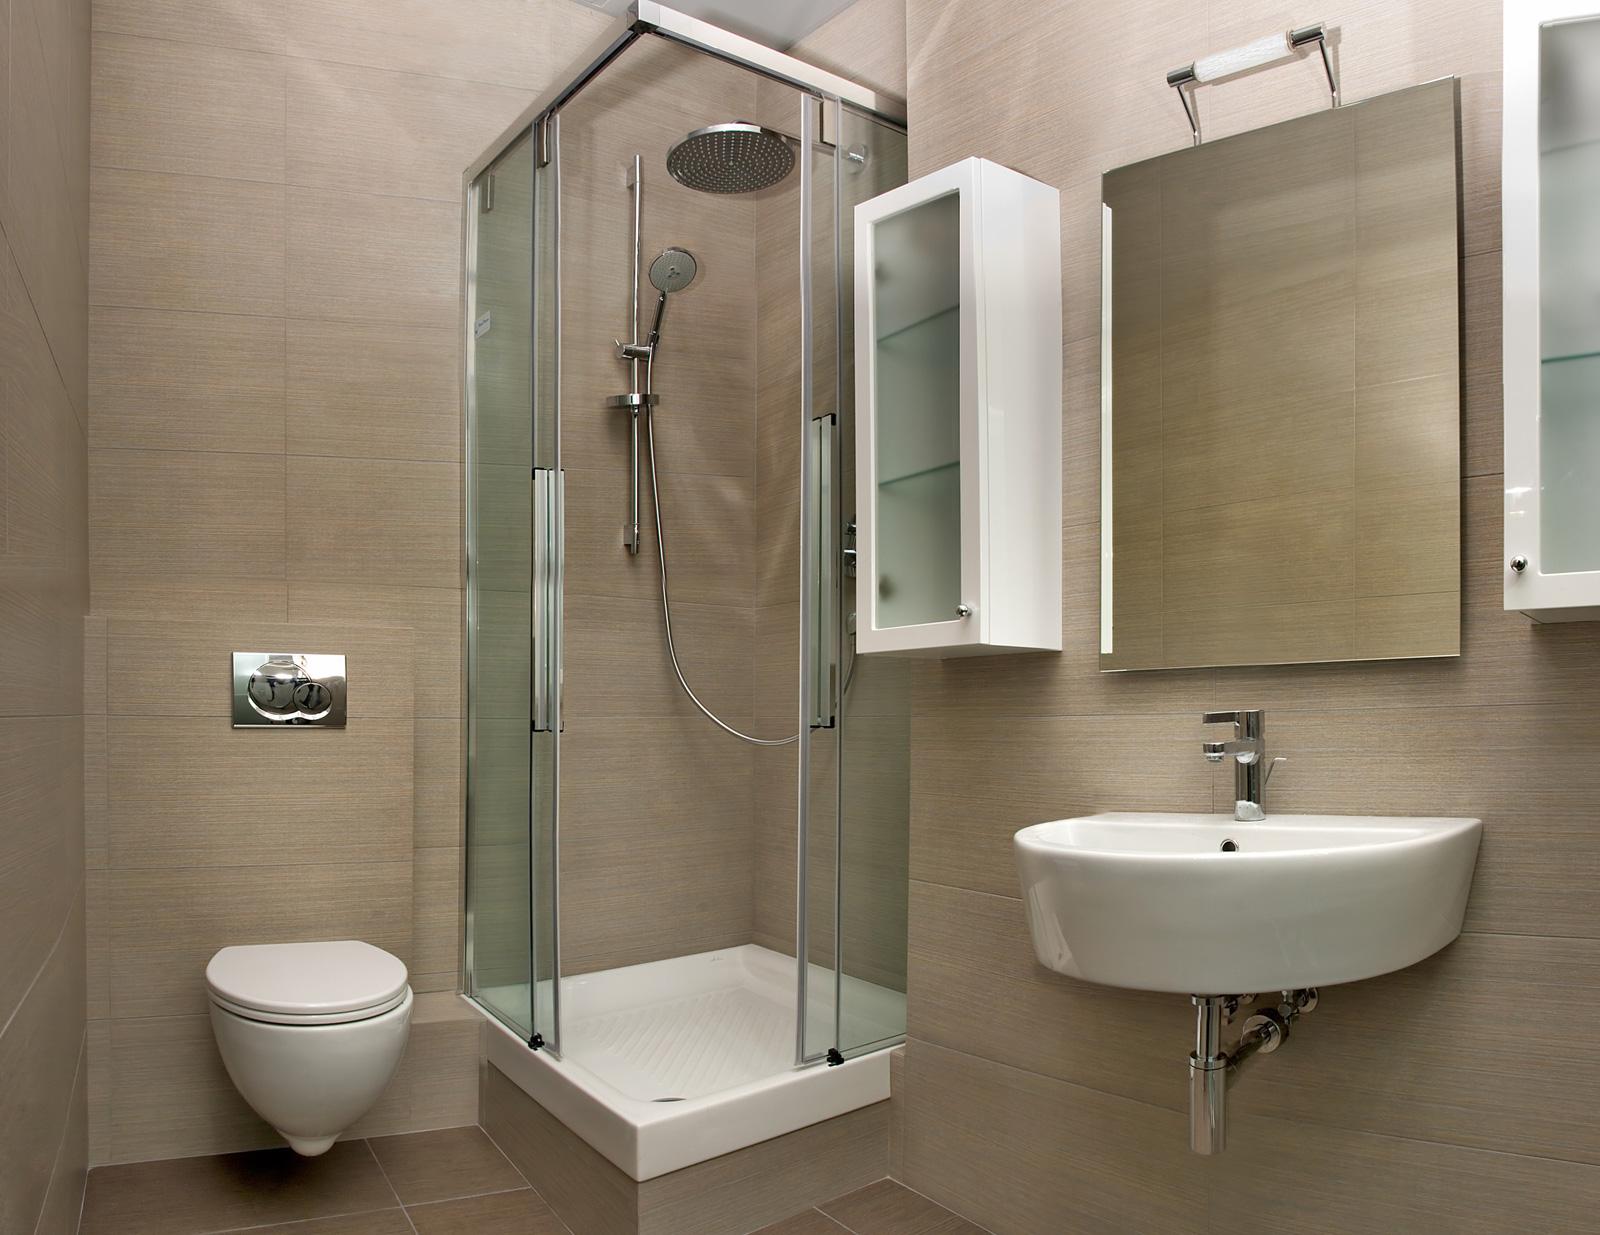 Чаще в маленьких ванных комнатах для экономии пространства используют душевые кабины